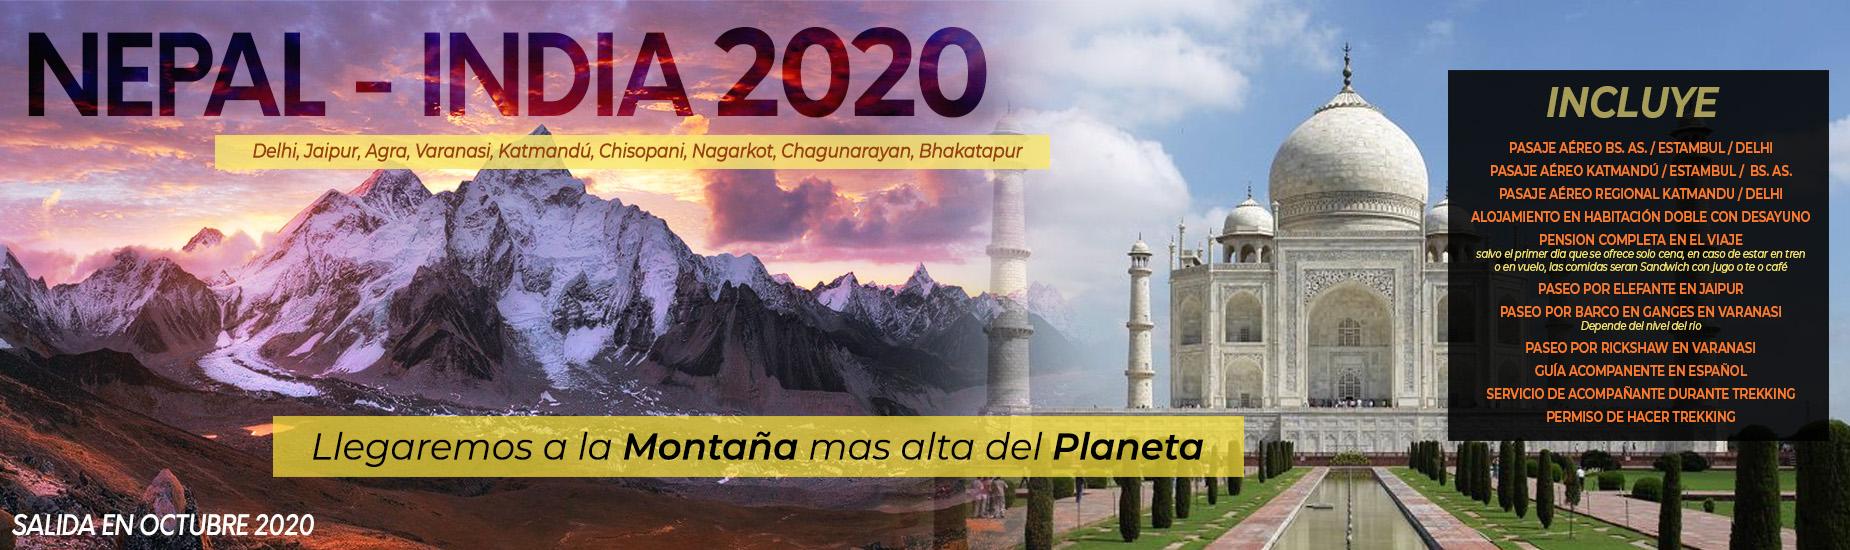 Nepal - India 2020